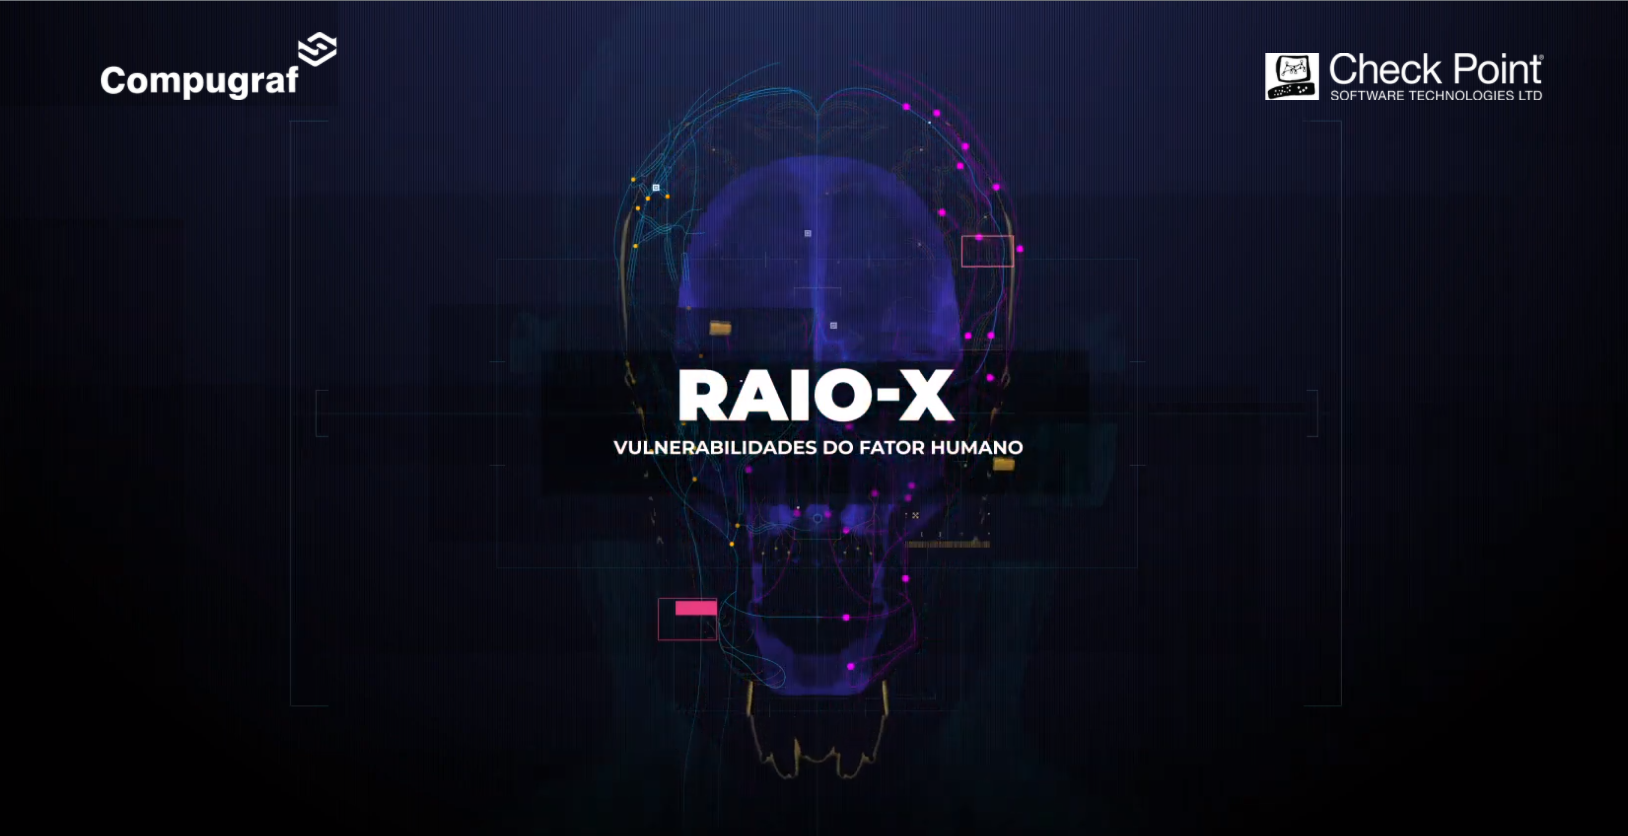 Raio-X: afinal, por que o fator humano é tão suscetível a ciberameaças?